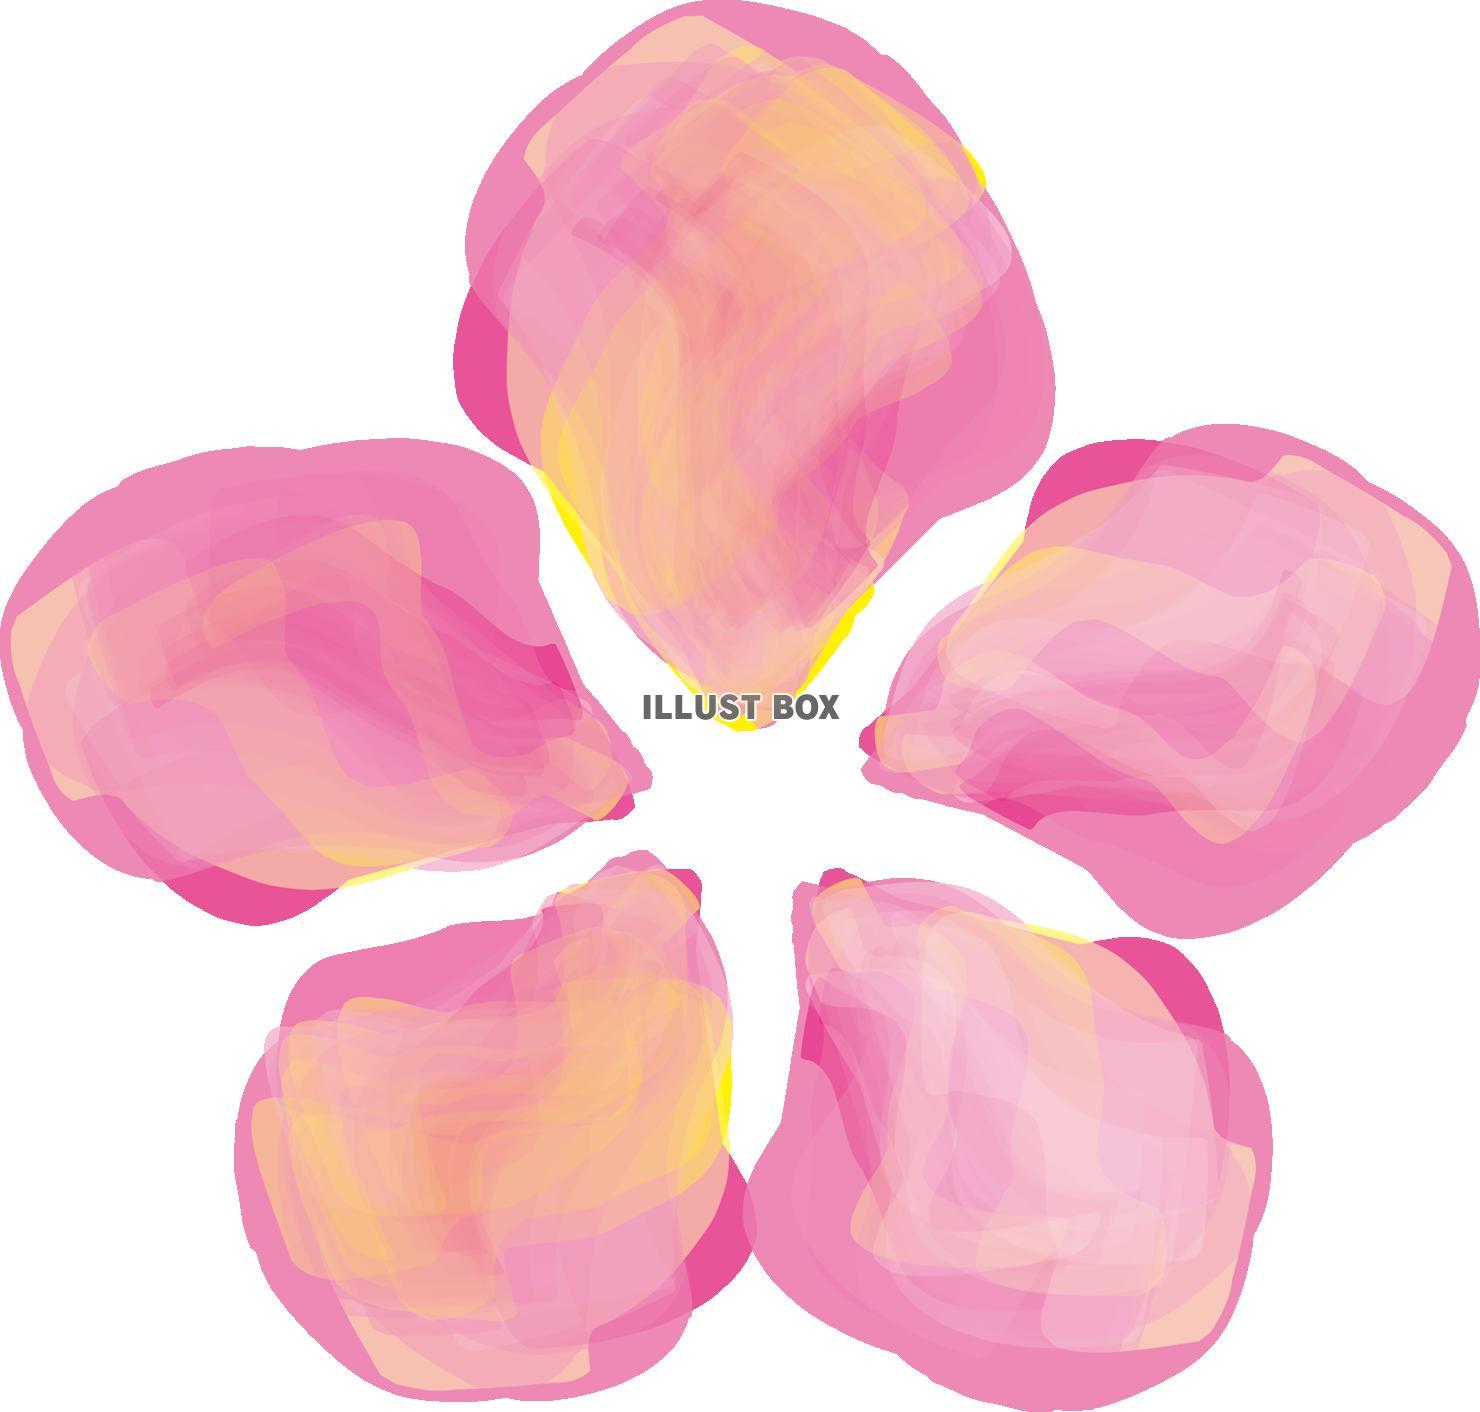 無料イラスト 水彩和風日本筆滲みにじみ年賀状素材桜さくら花ピンク色